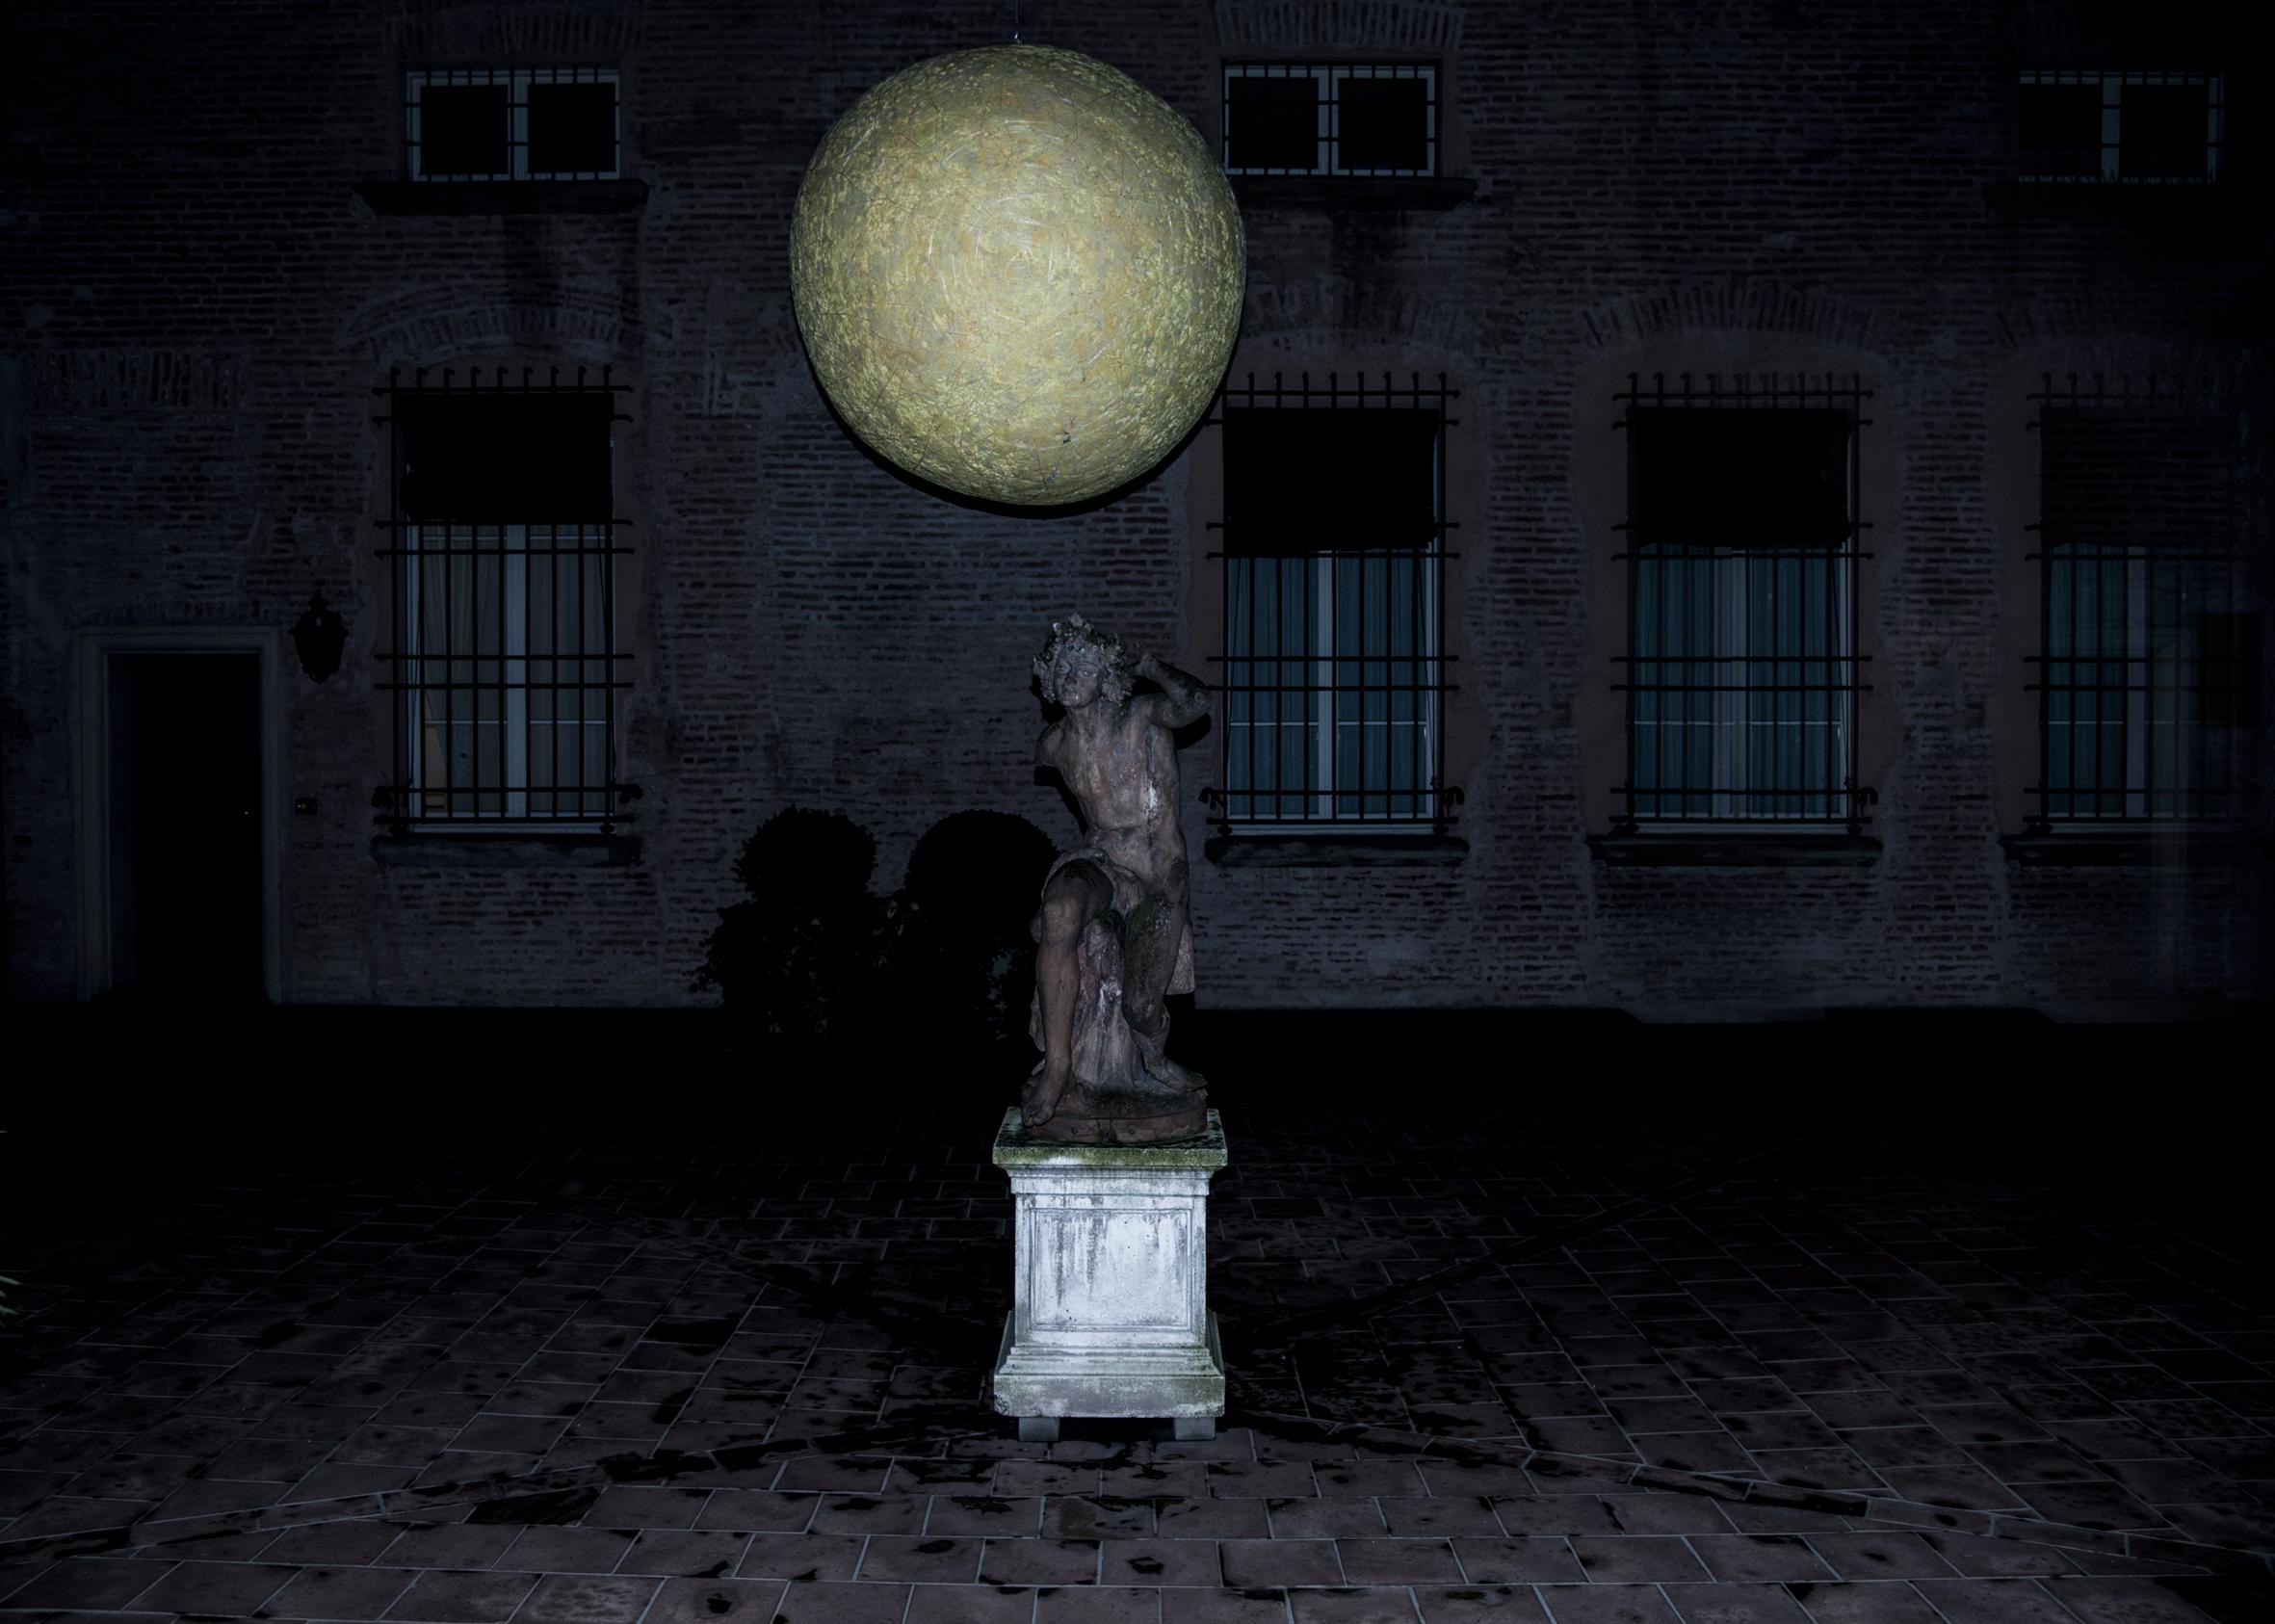 Giorgio Bevignani, EosEco,Palazzo Zambeccari, Piazza de' Calderini 2/2, Bologna 2019